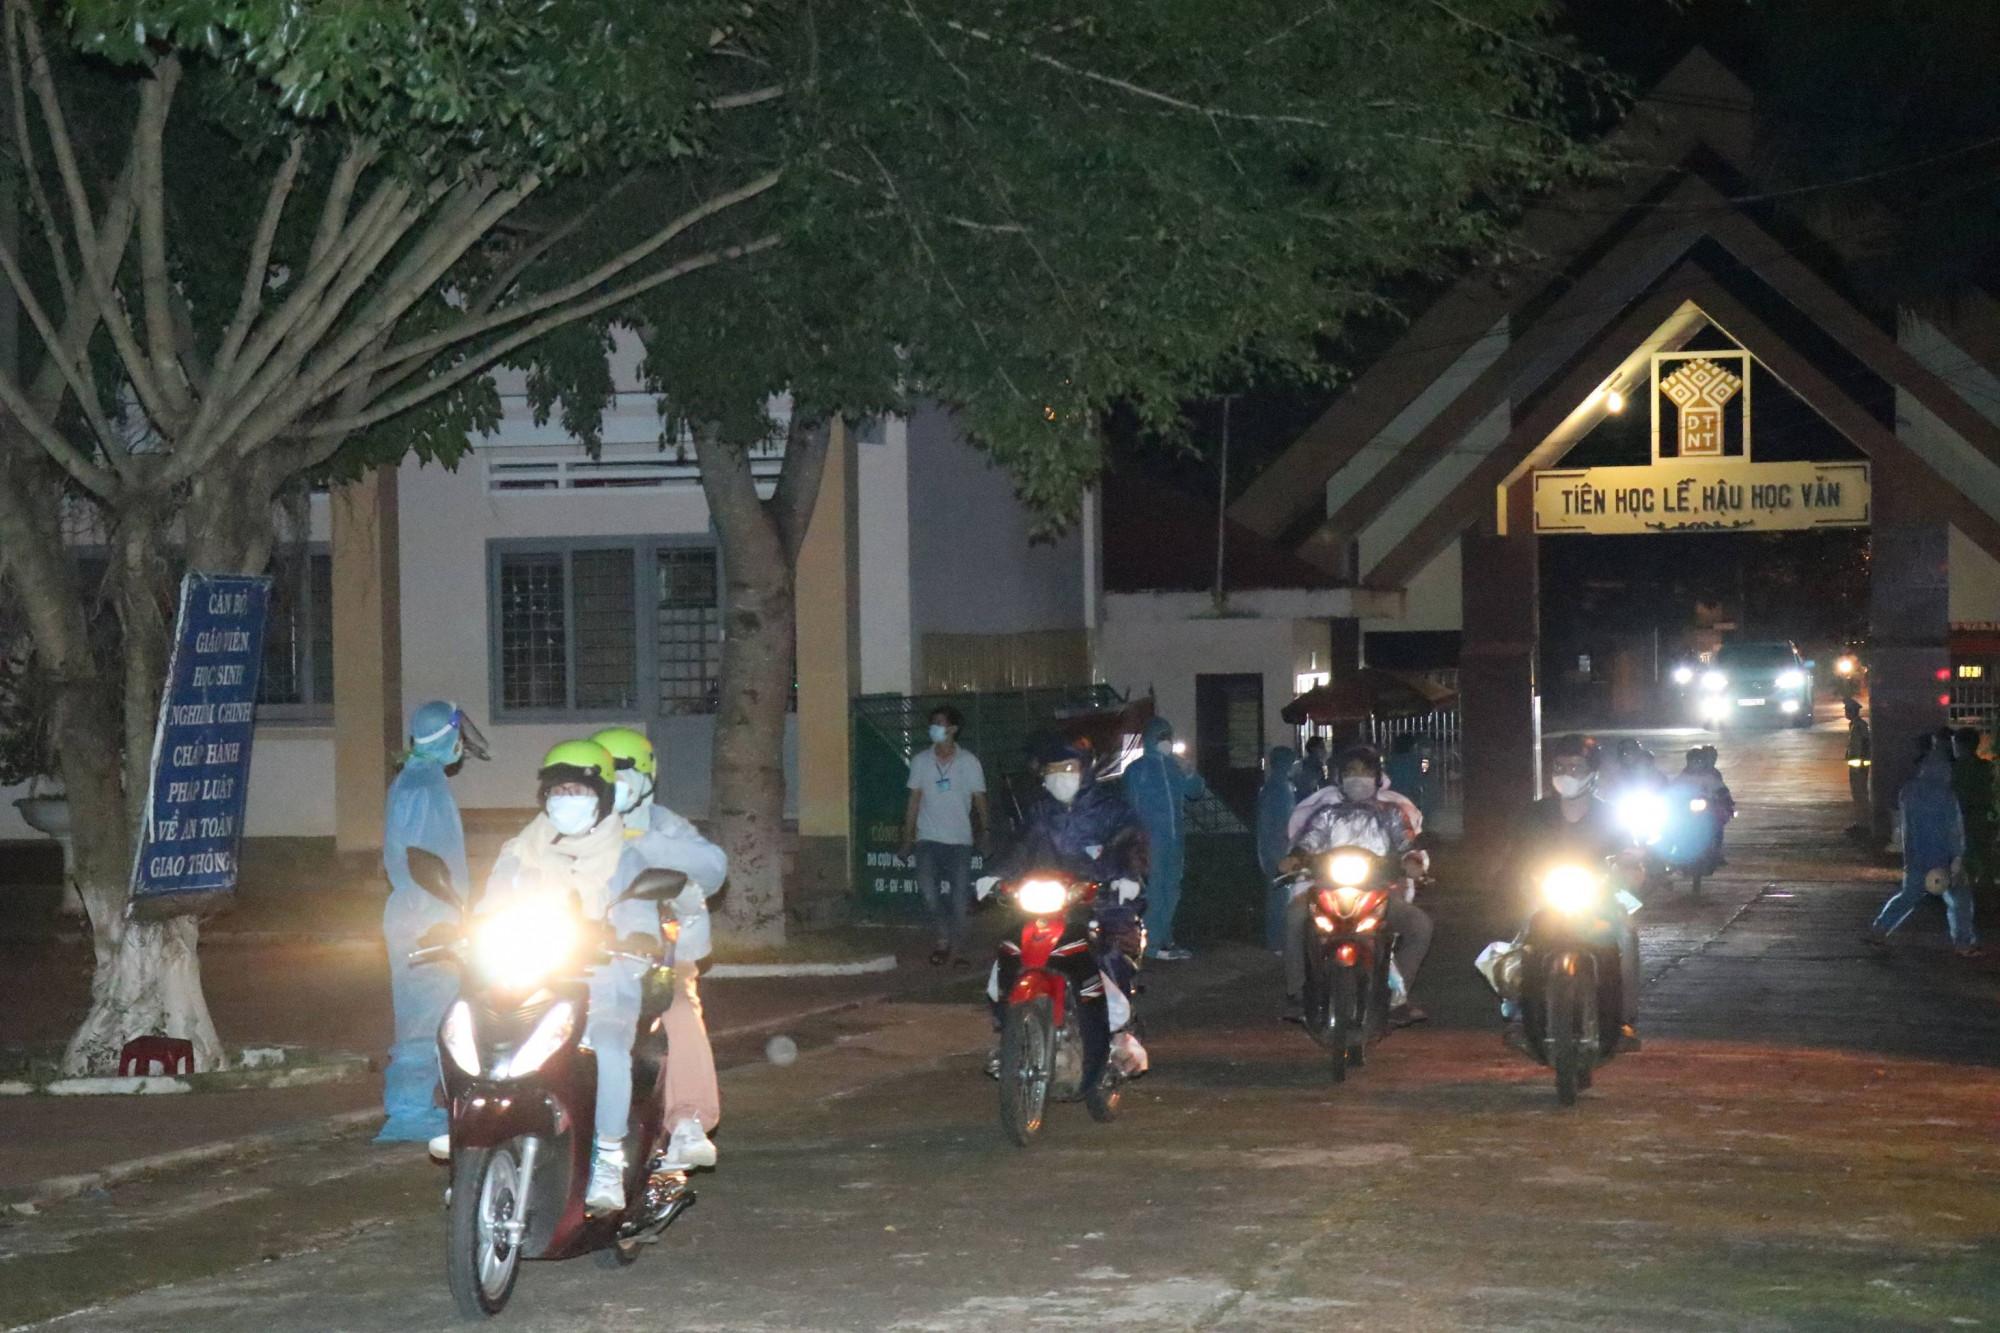 Hàng nghìn người dân từ các tỉnh phía Nam về đến tỉnh Đắk Lắk